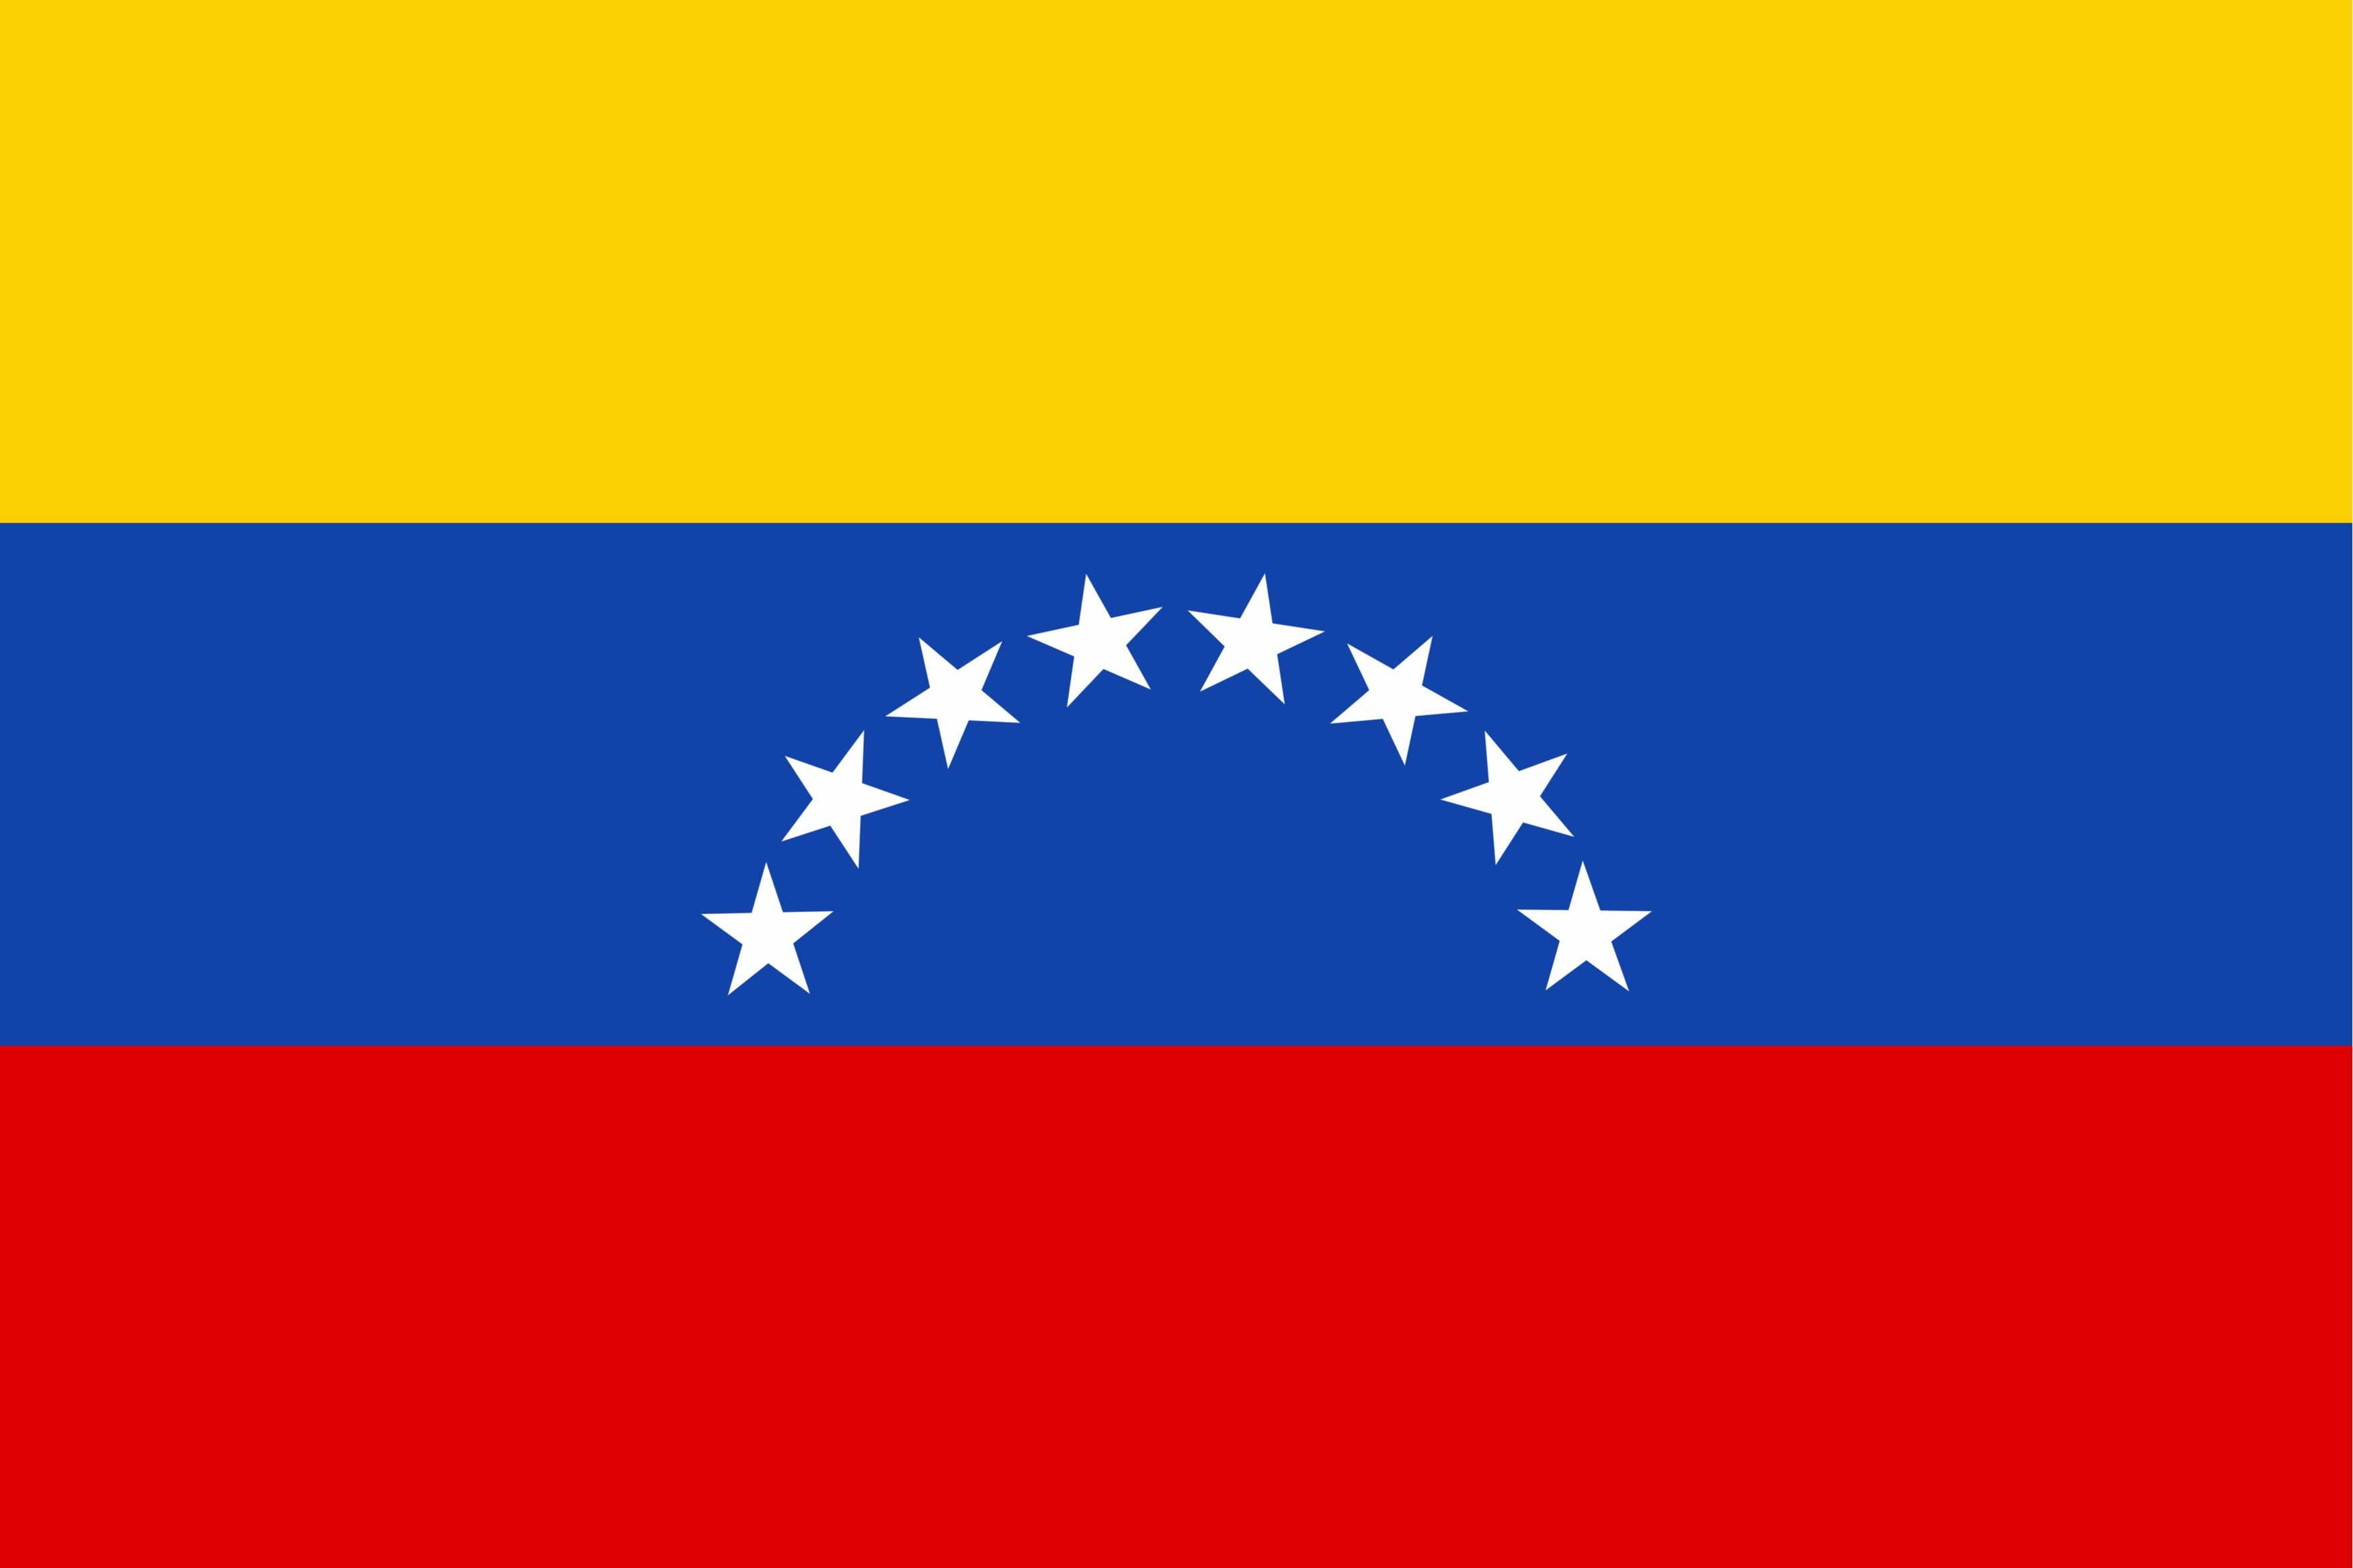 Как власть преследует майнинг биткоинов в Венесуэле